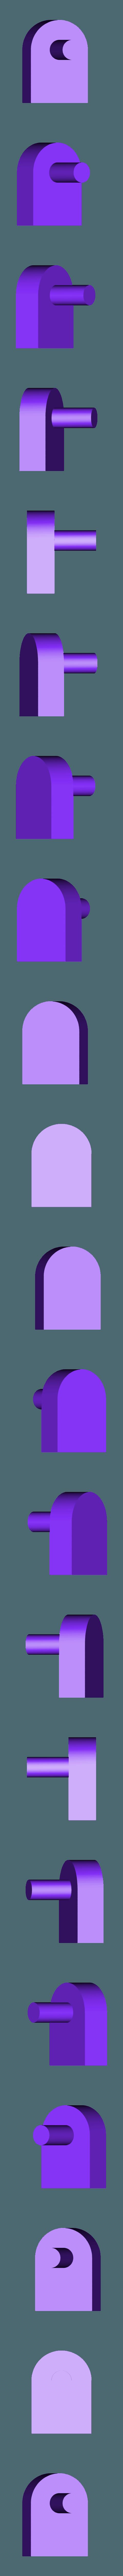 Boom Lift x2.STL Download STL file LiL FRONT LOADER • 3D printable template, biglildesign